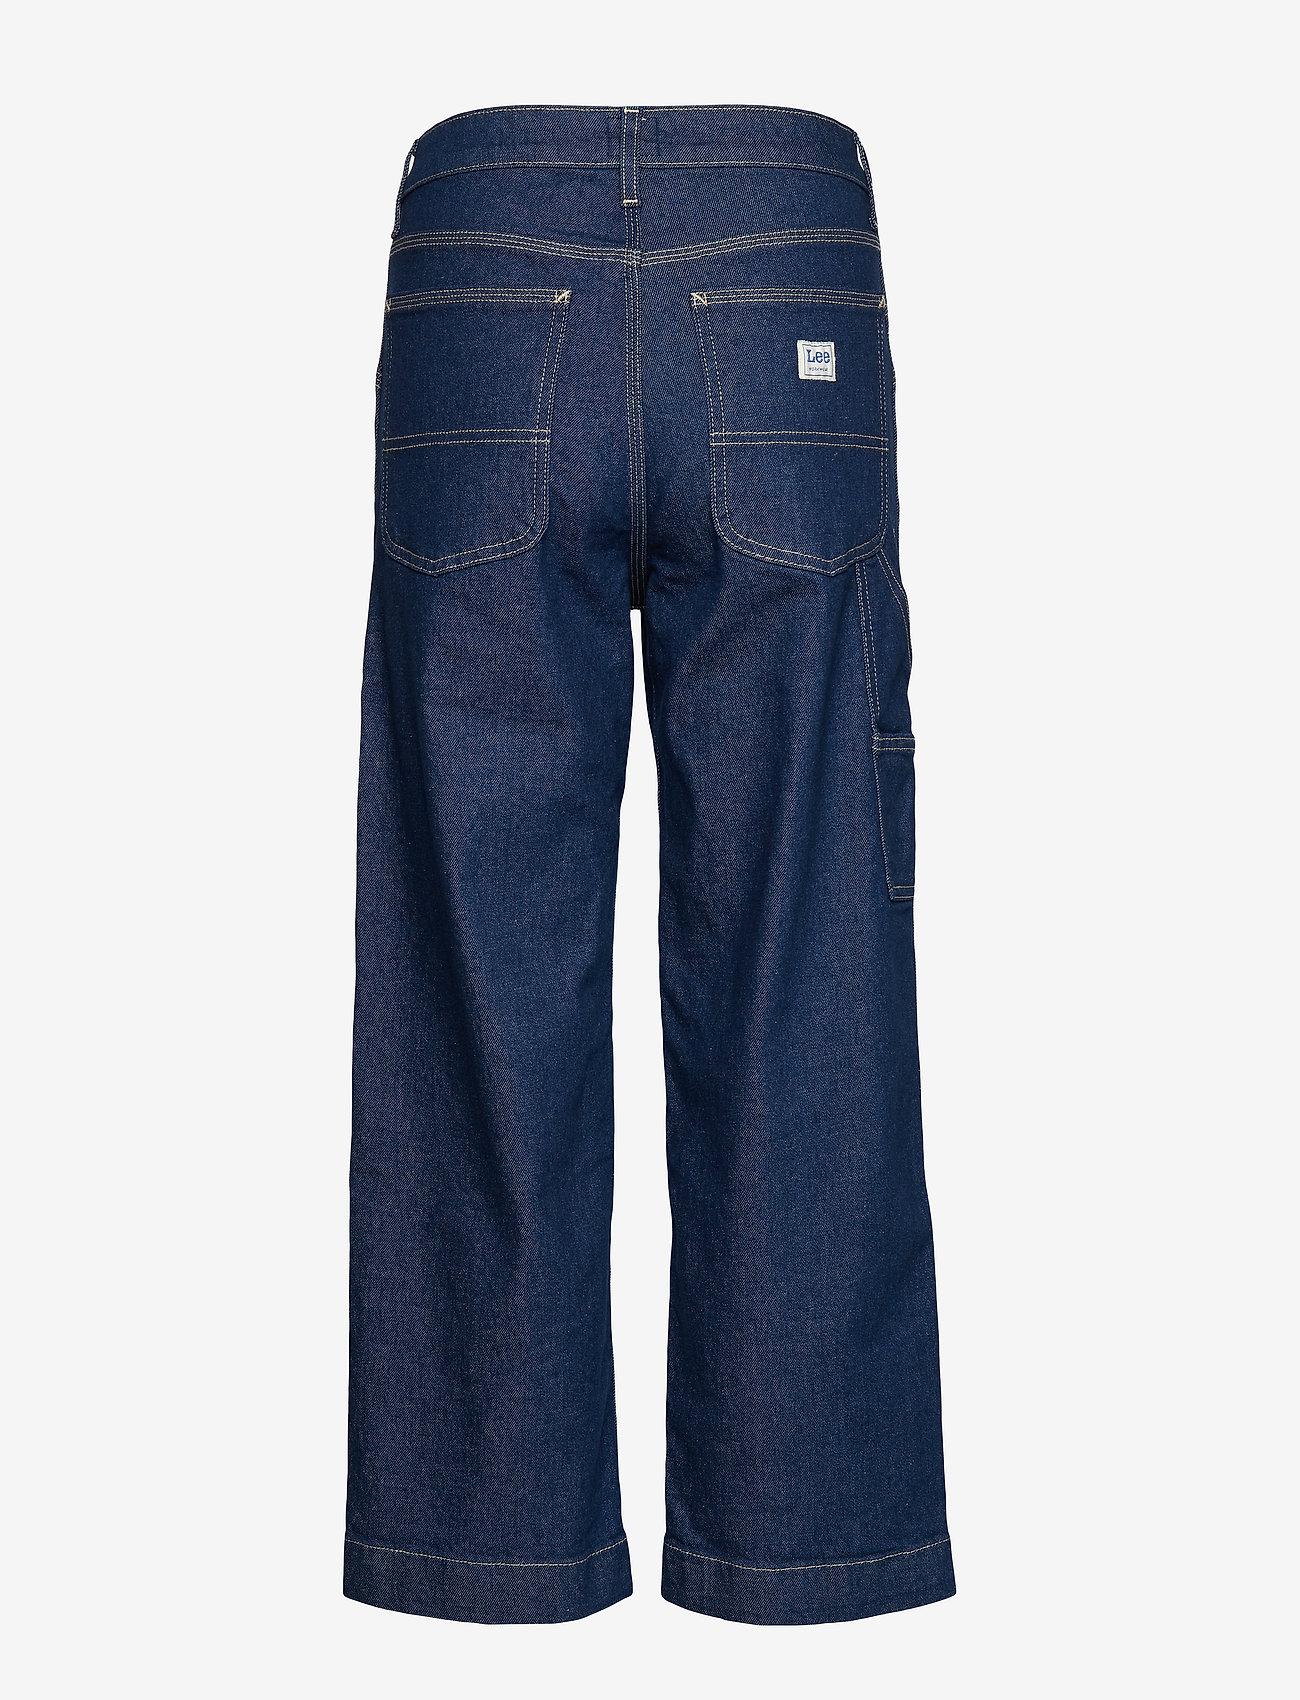 Lee Jeans - CARPENTER - broeken met wijde pijpen - rinse - 1